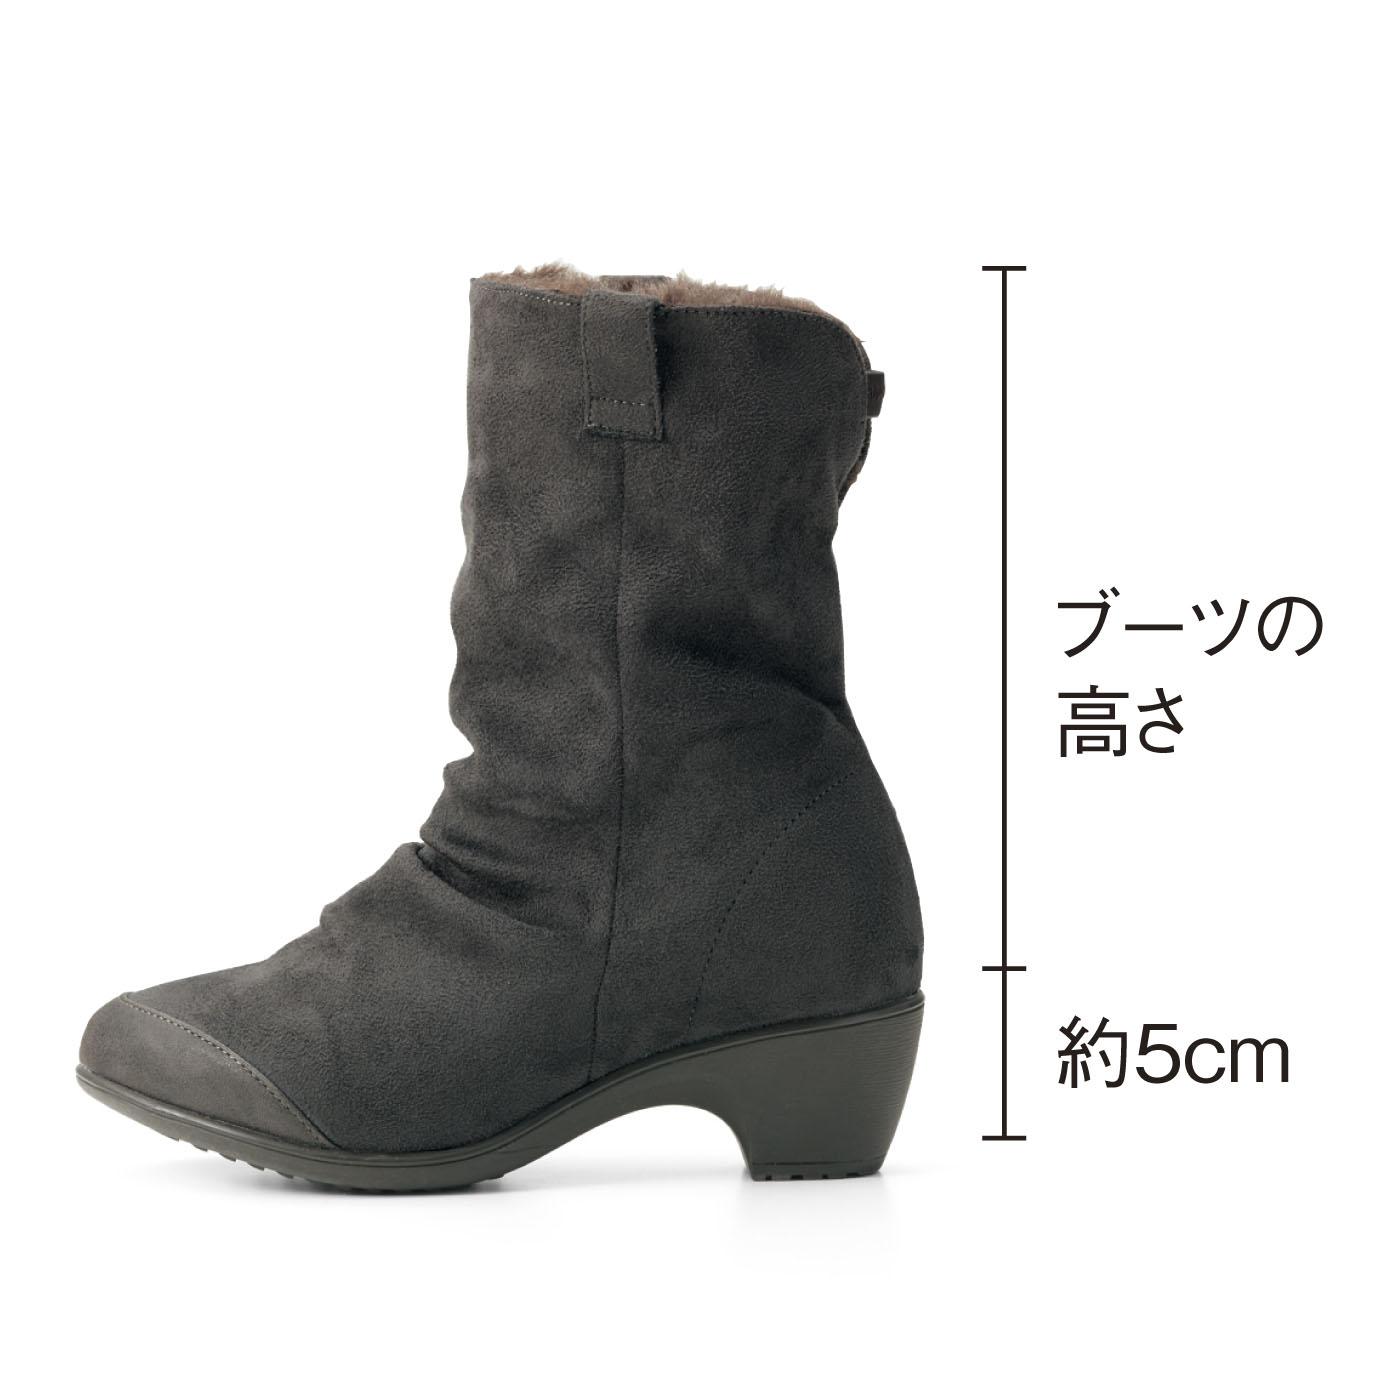 約5cmのほどよいヒールで、スタイルよく脚長に。